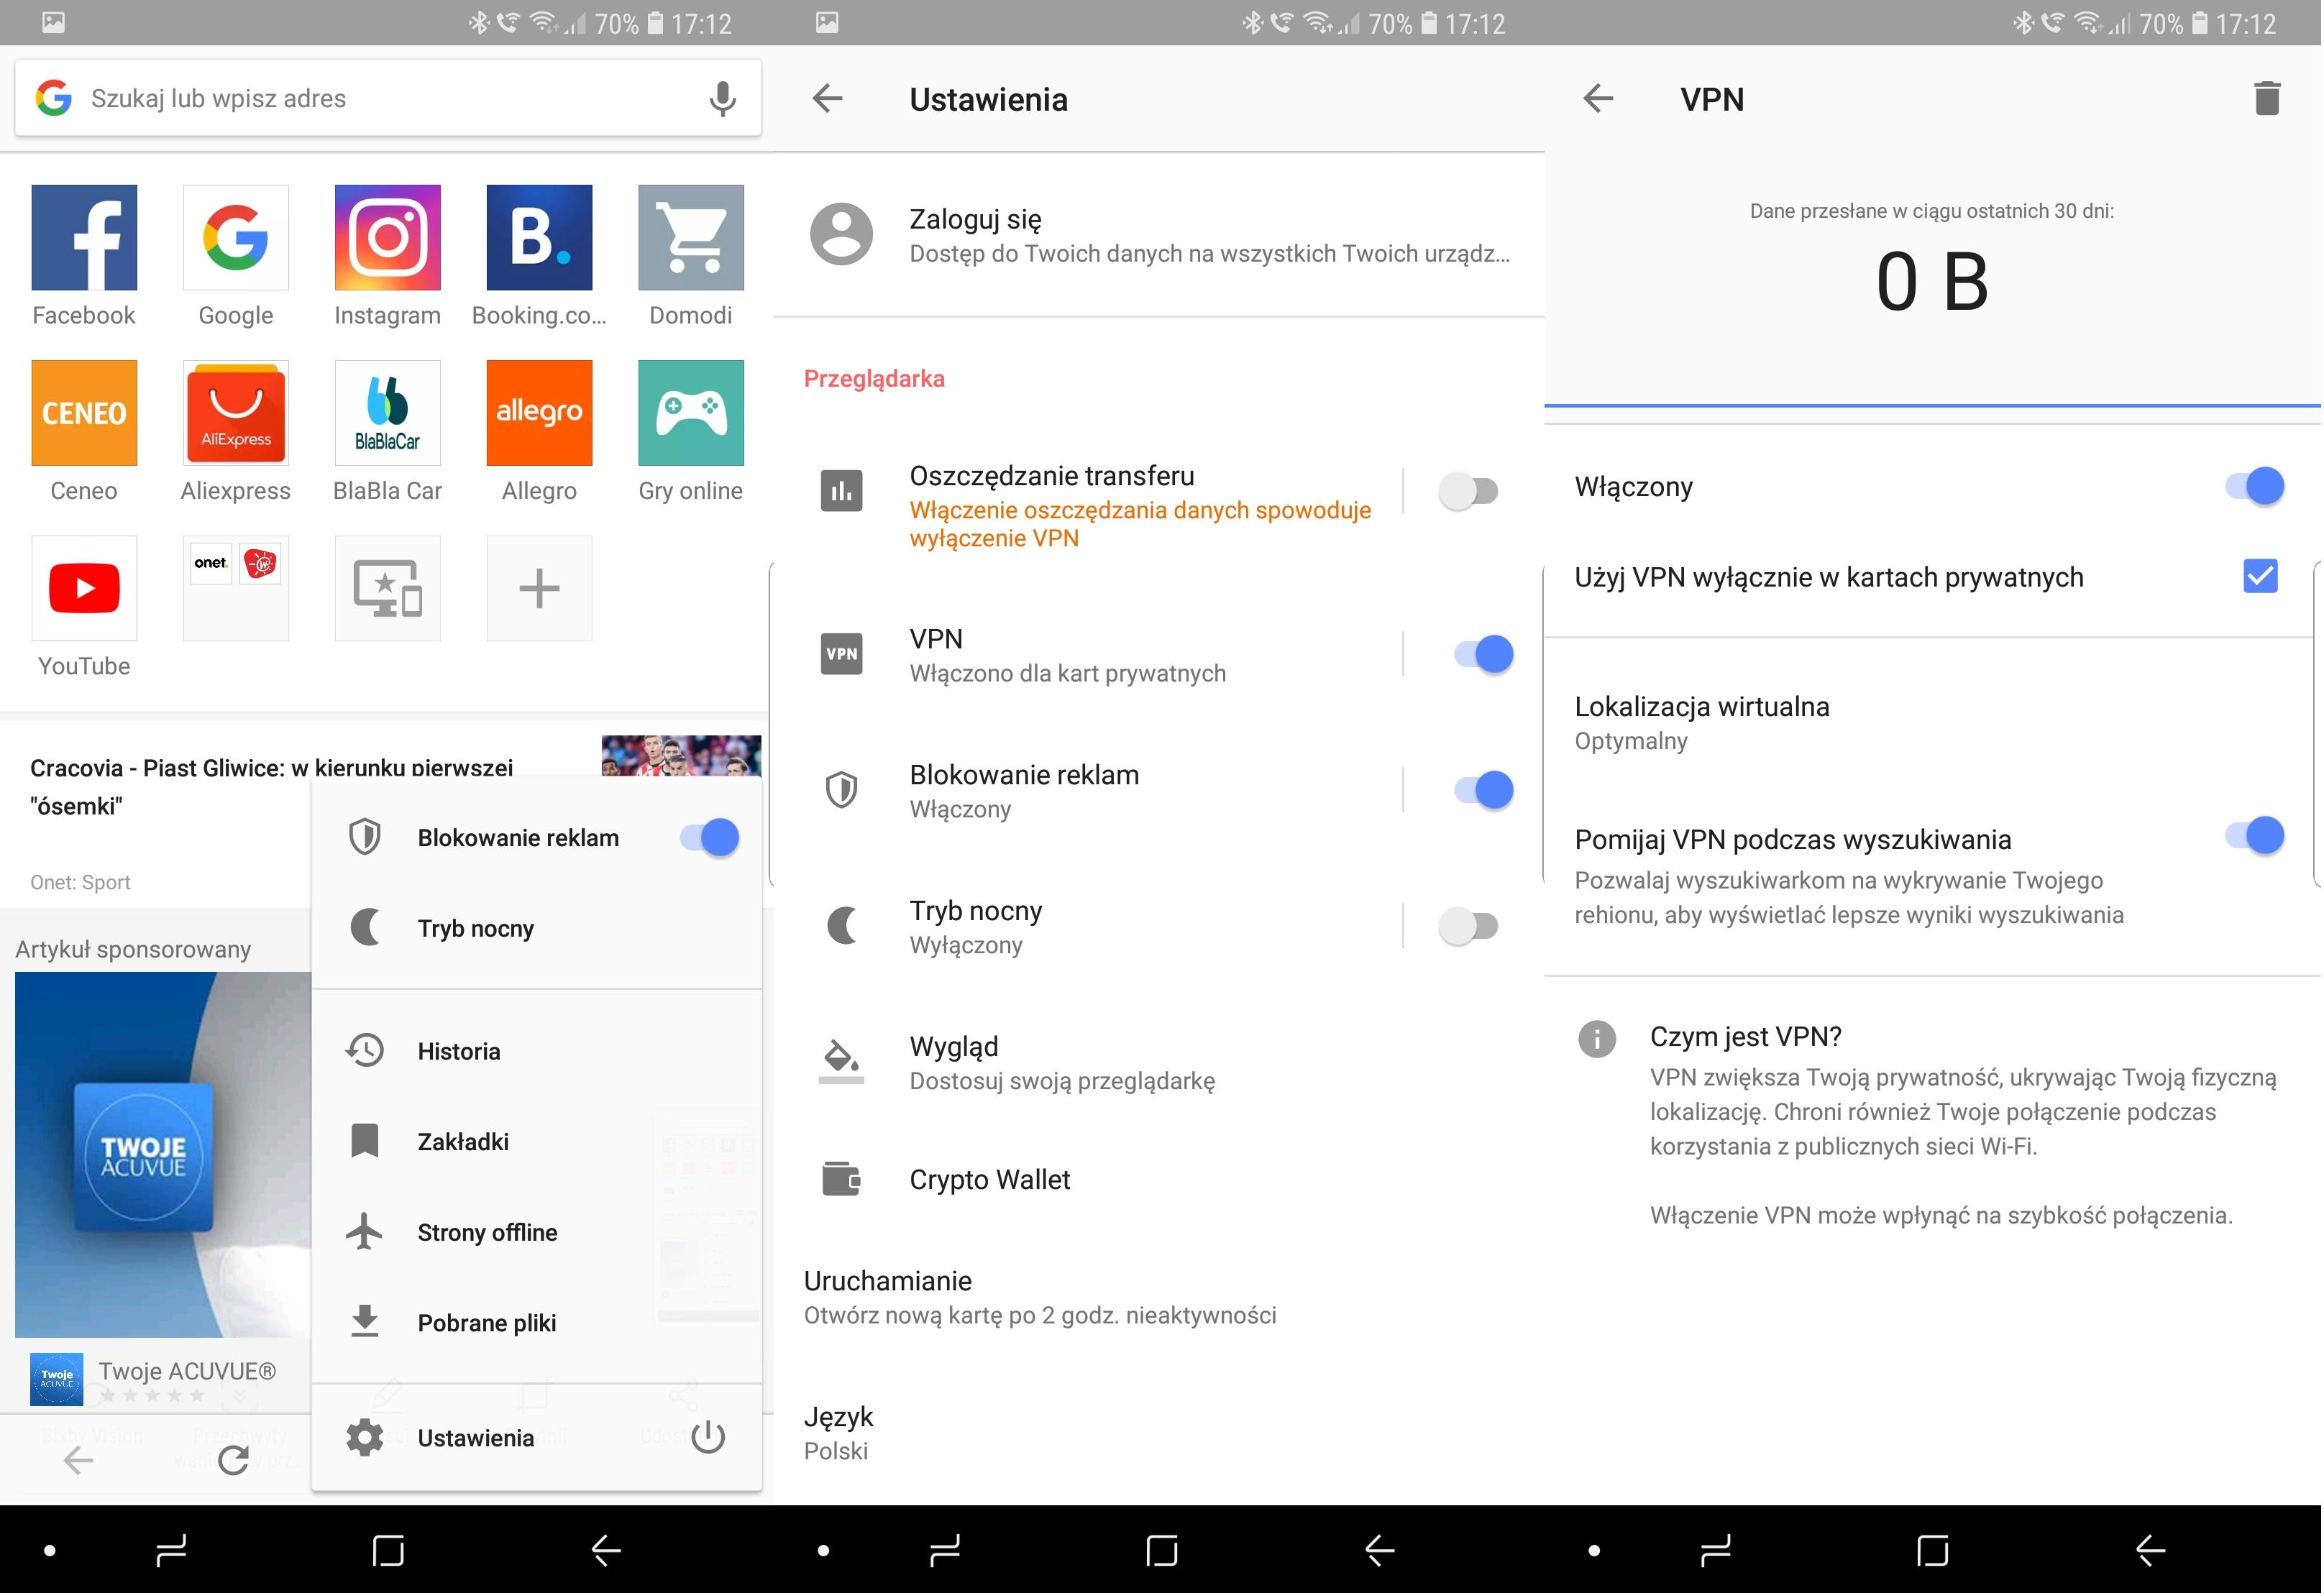 Instrukcja uruchomienia VPN w przeglądarce Opera na Androidzie.